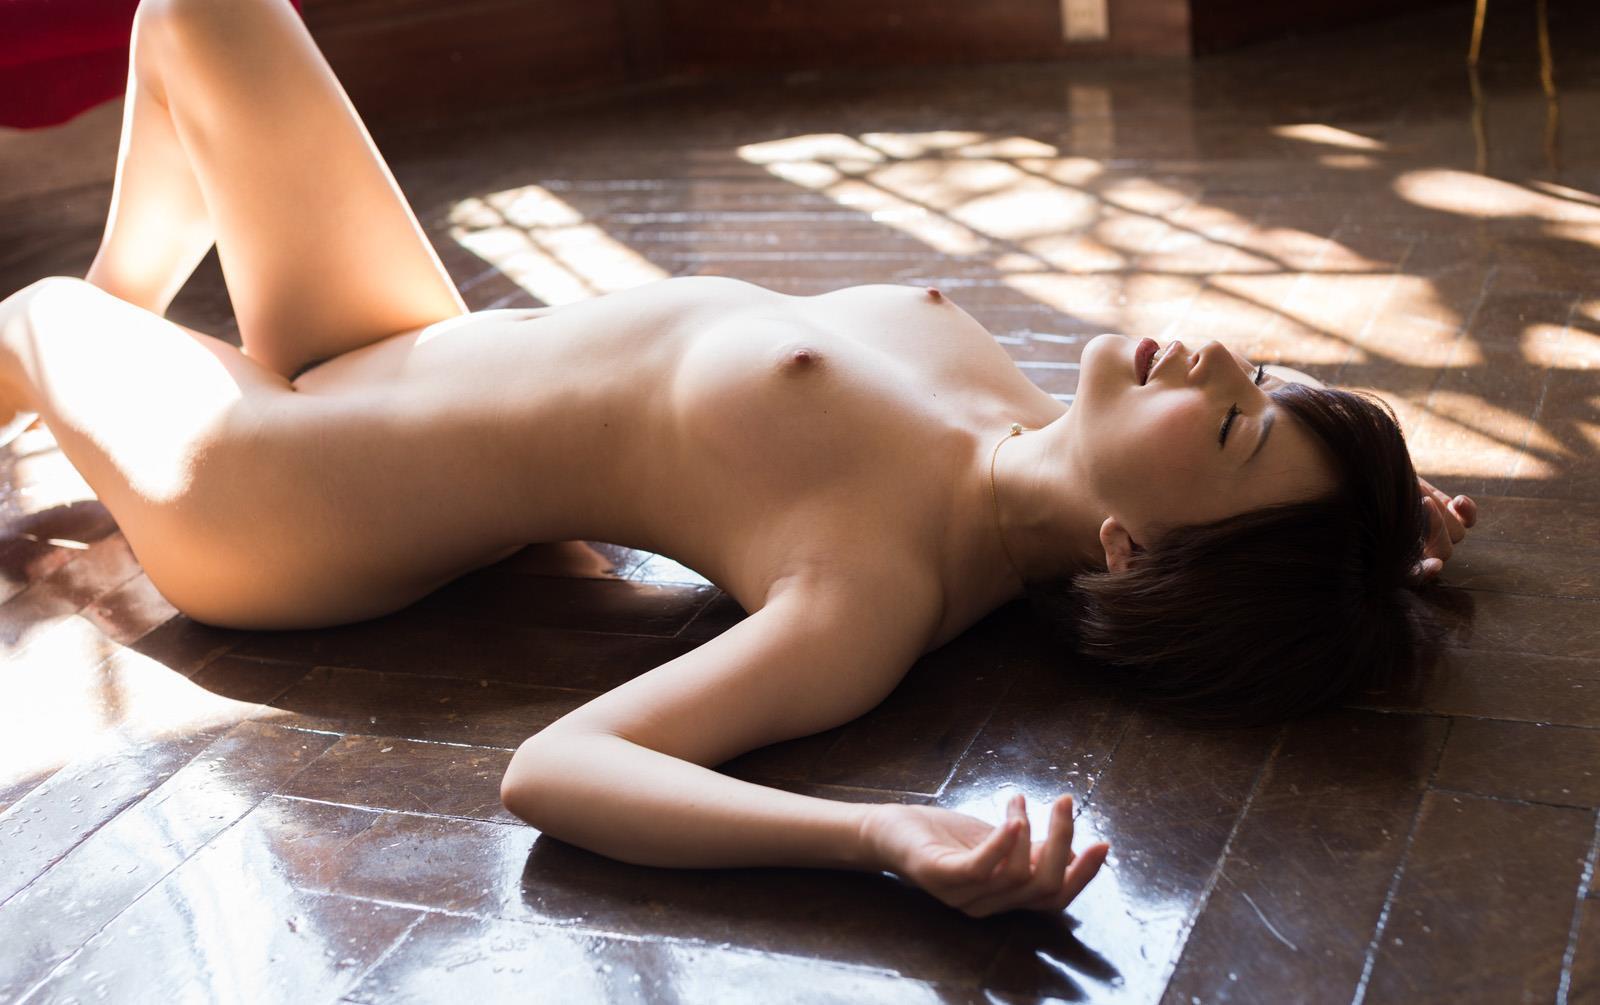 里美ゆりあ(小泉彩) 画像 40